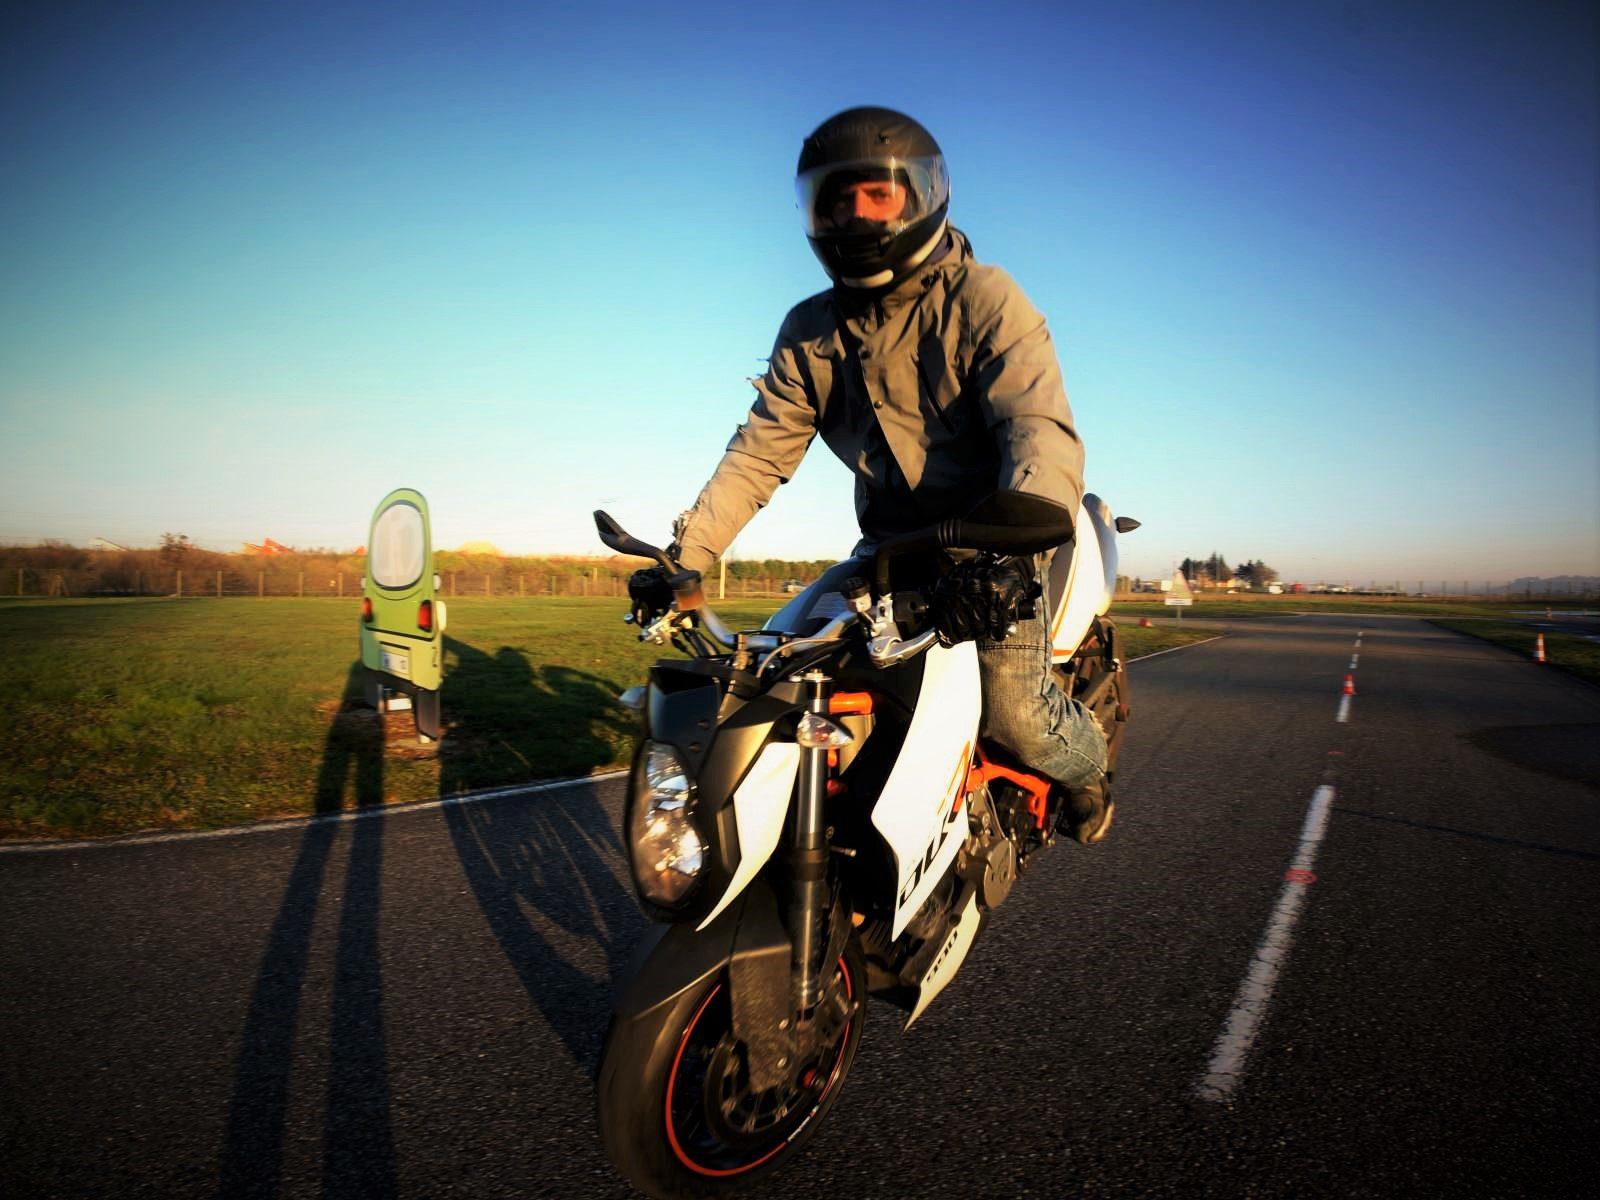 Le stunt (terme anglais signifiant « cascade »), est une discipline dont le but est d'enchaîner des figures de voltige (tricks) sur la roue arrière ou la roue avant, principalement à moto.